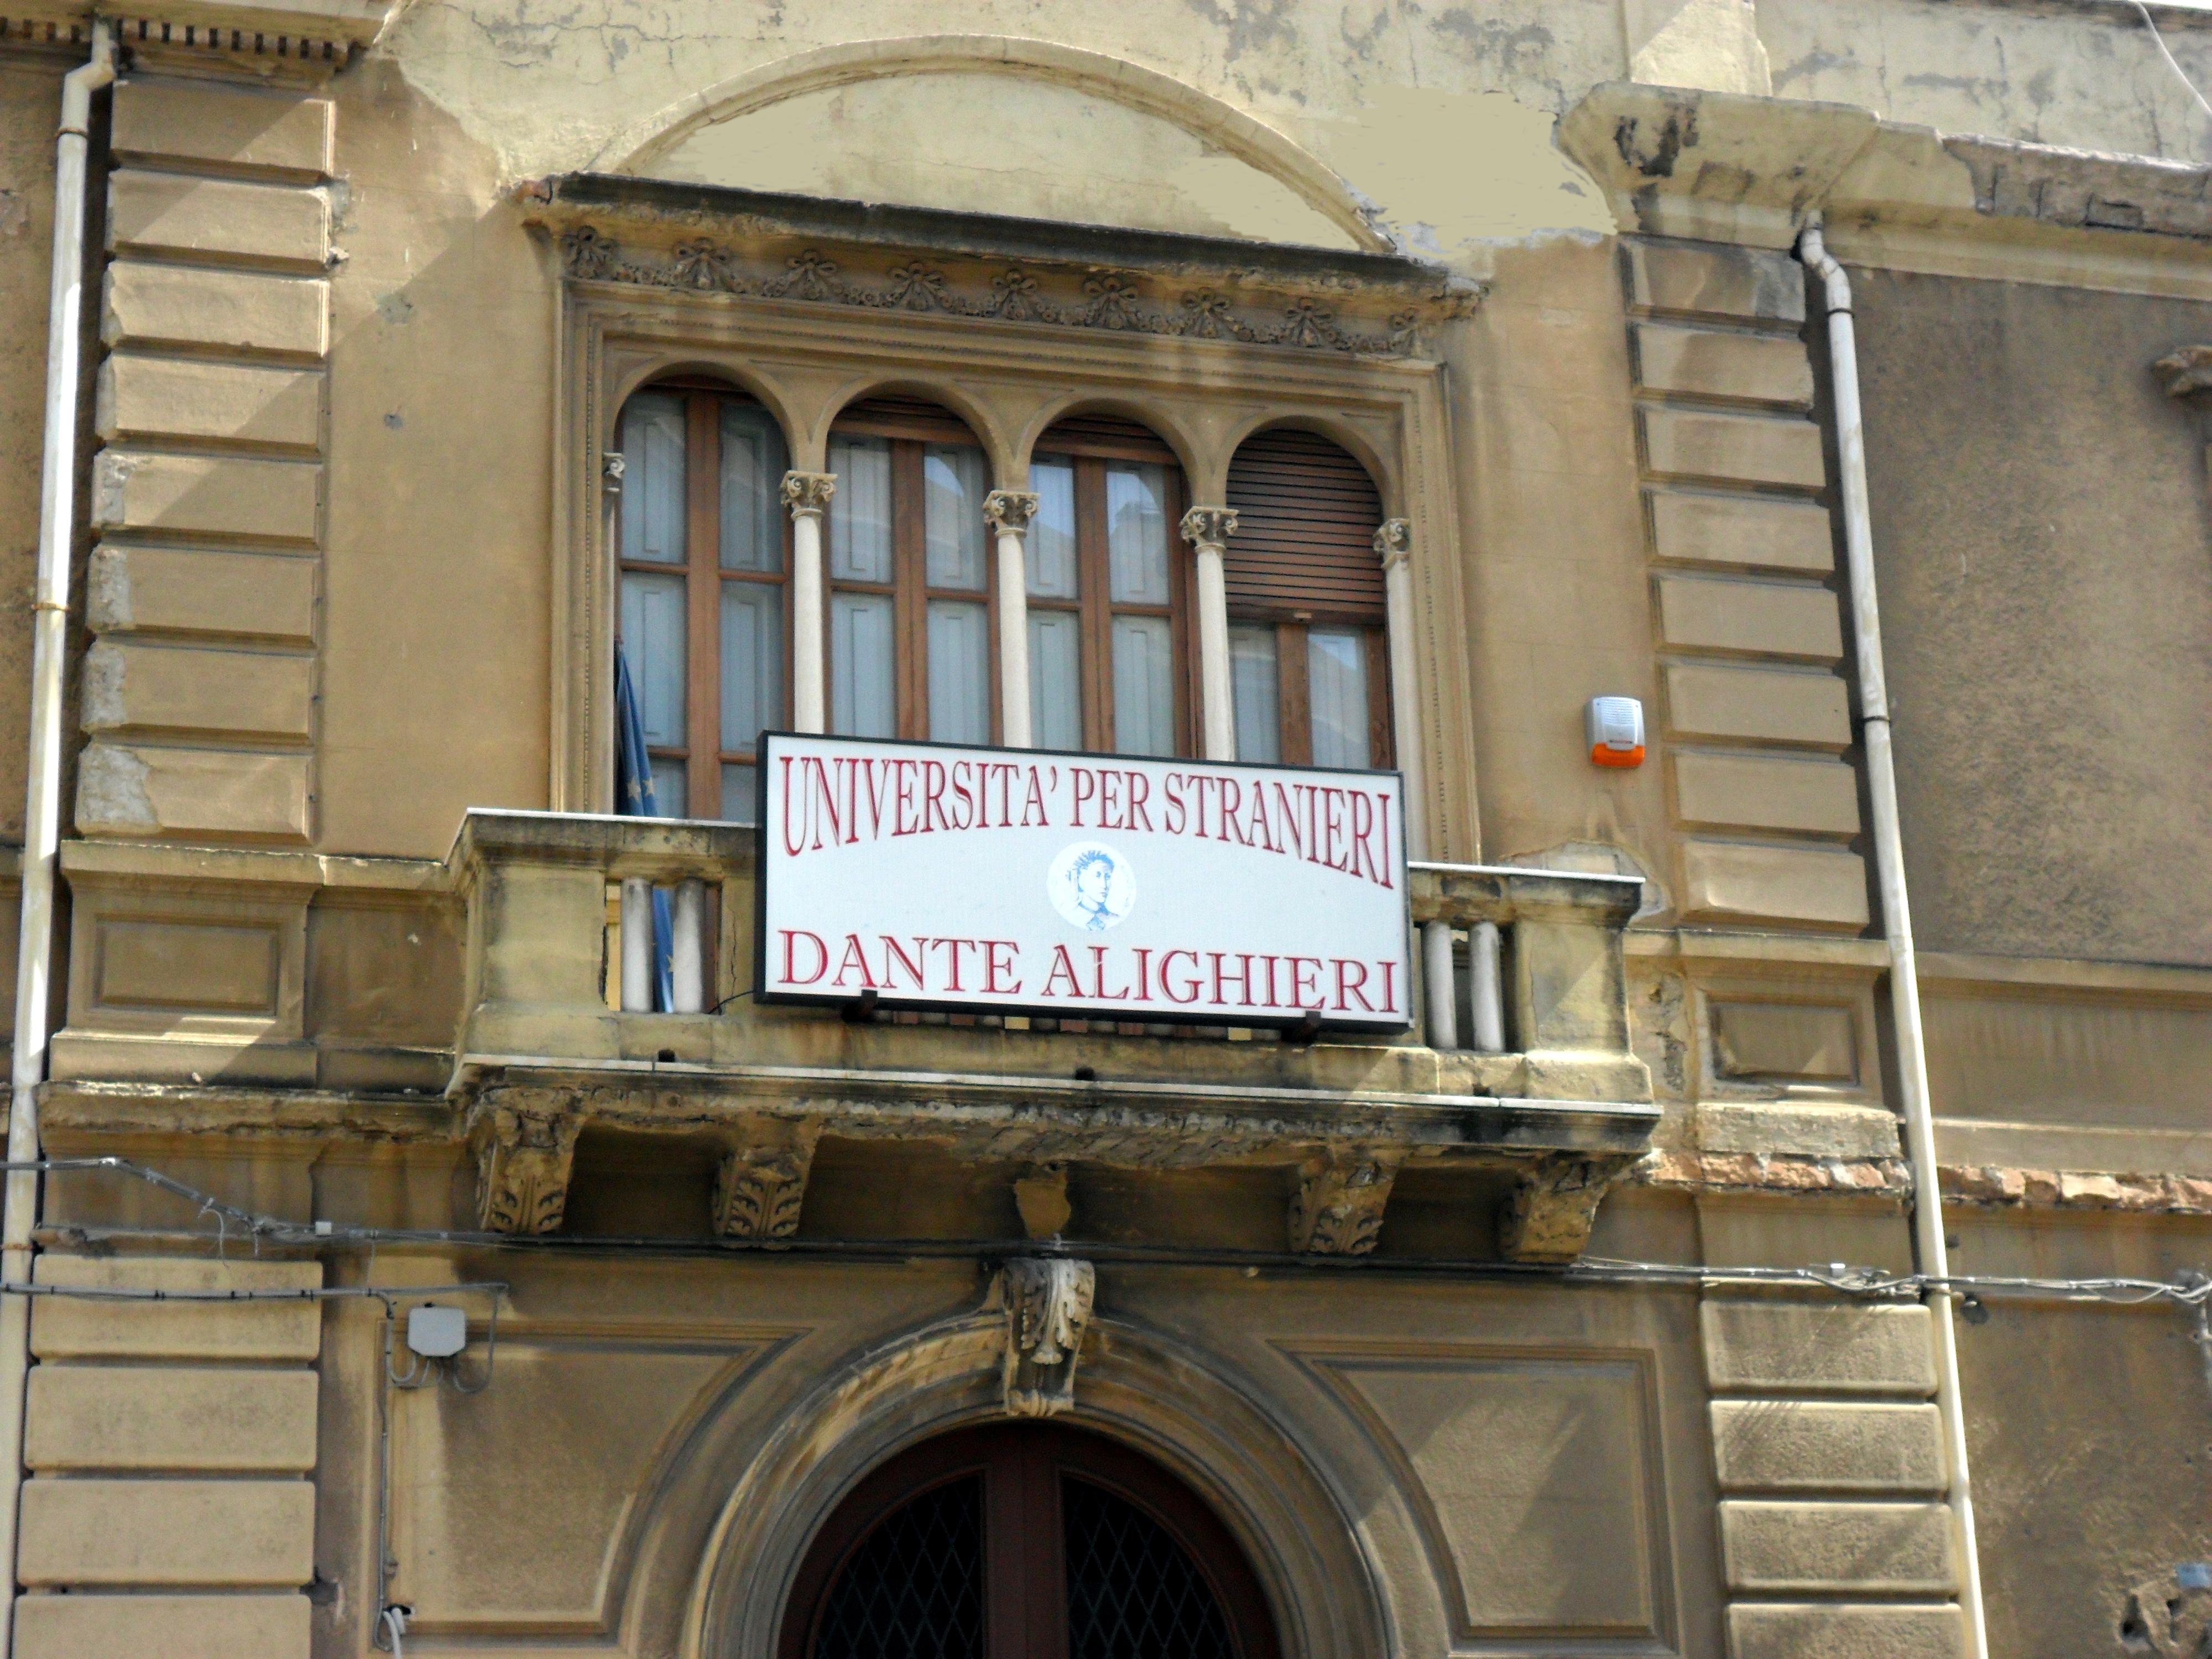 Reggio_Calabria-Università_per_Stranieri